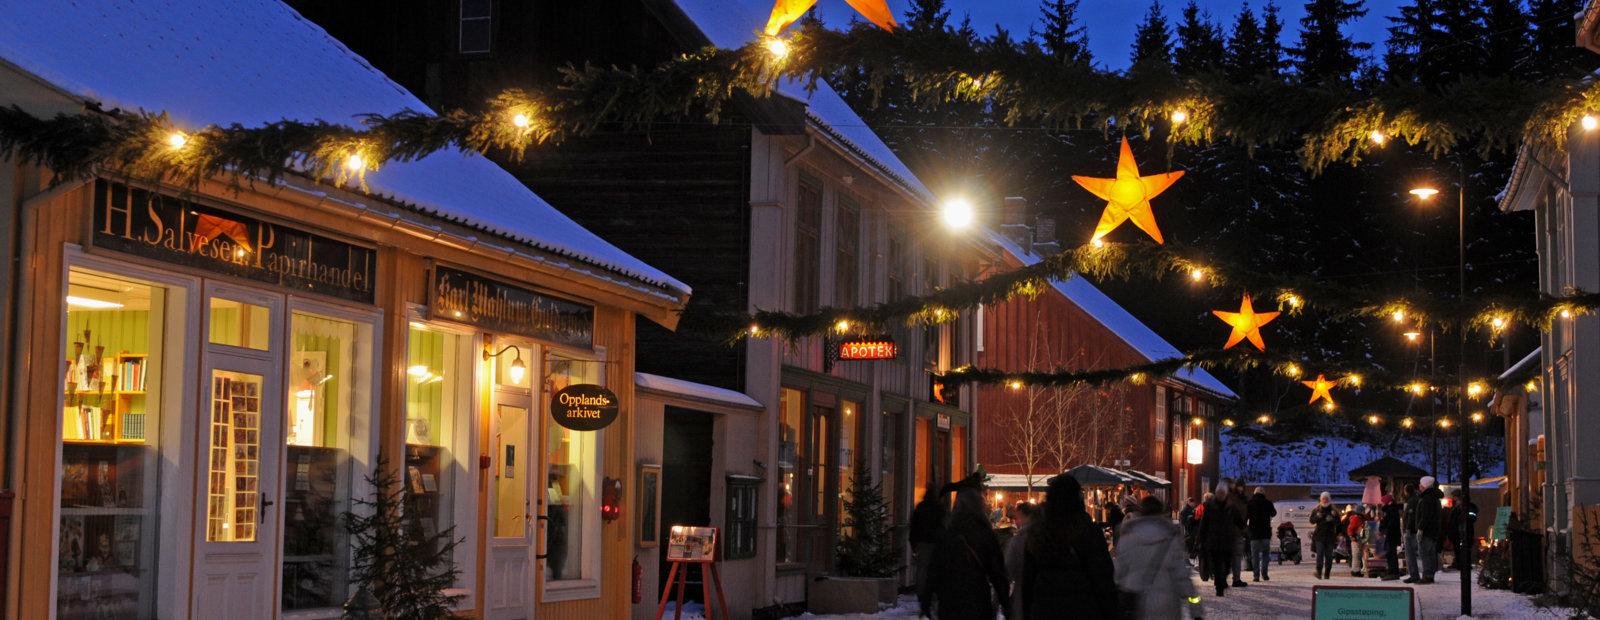 En julepyntet Storgate i Byen på Maihaugen på Lillehammer